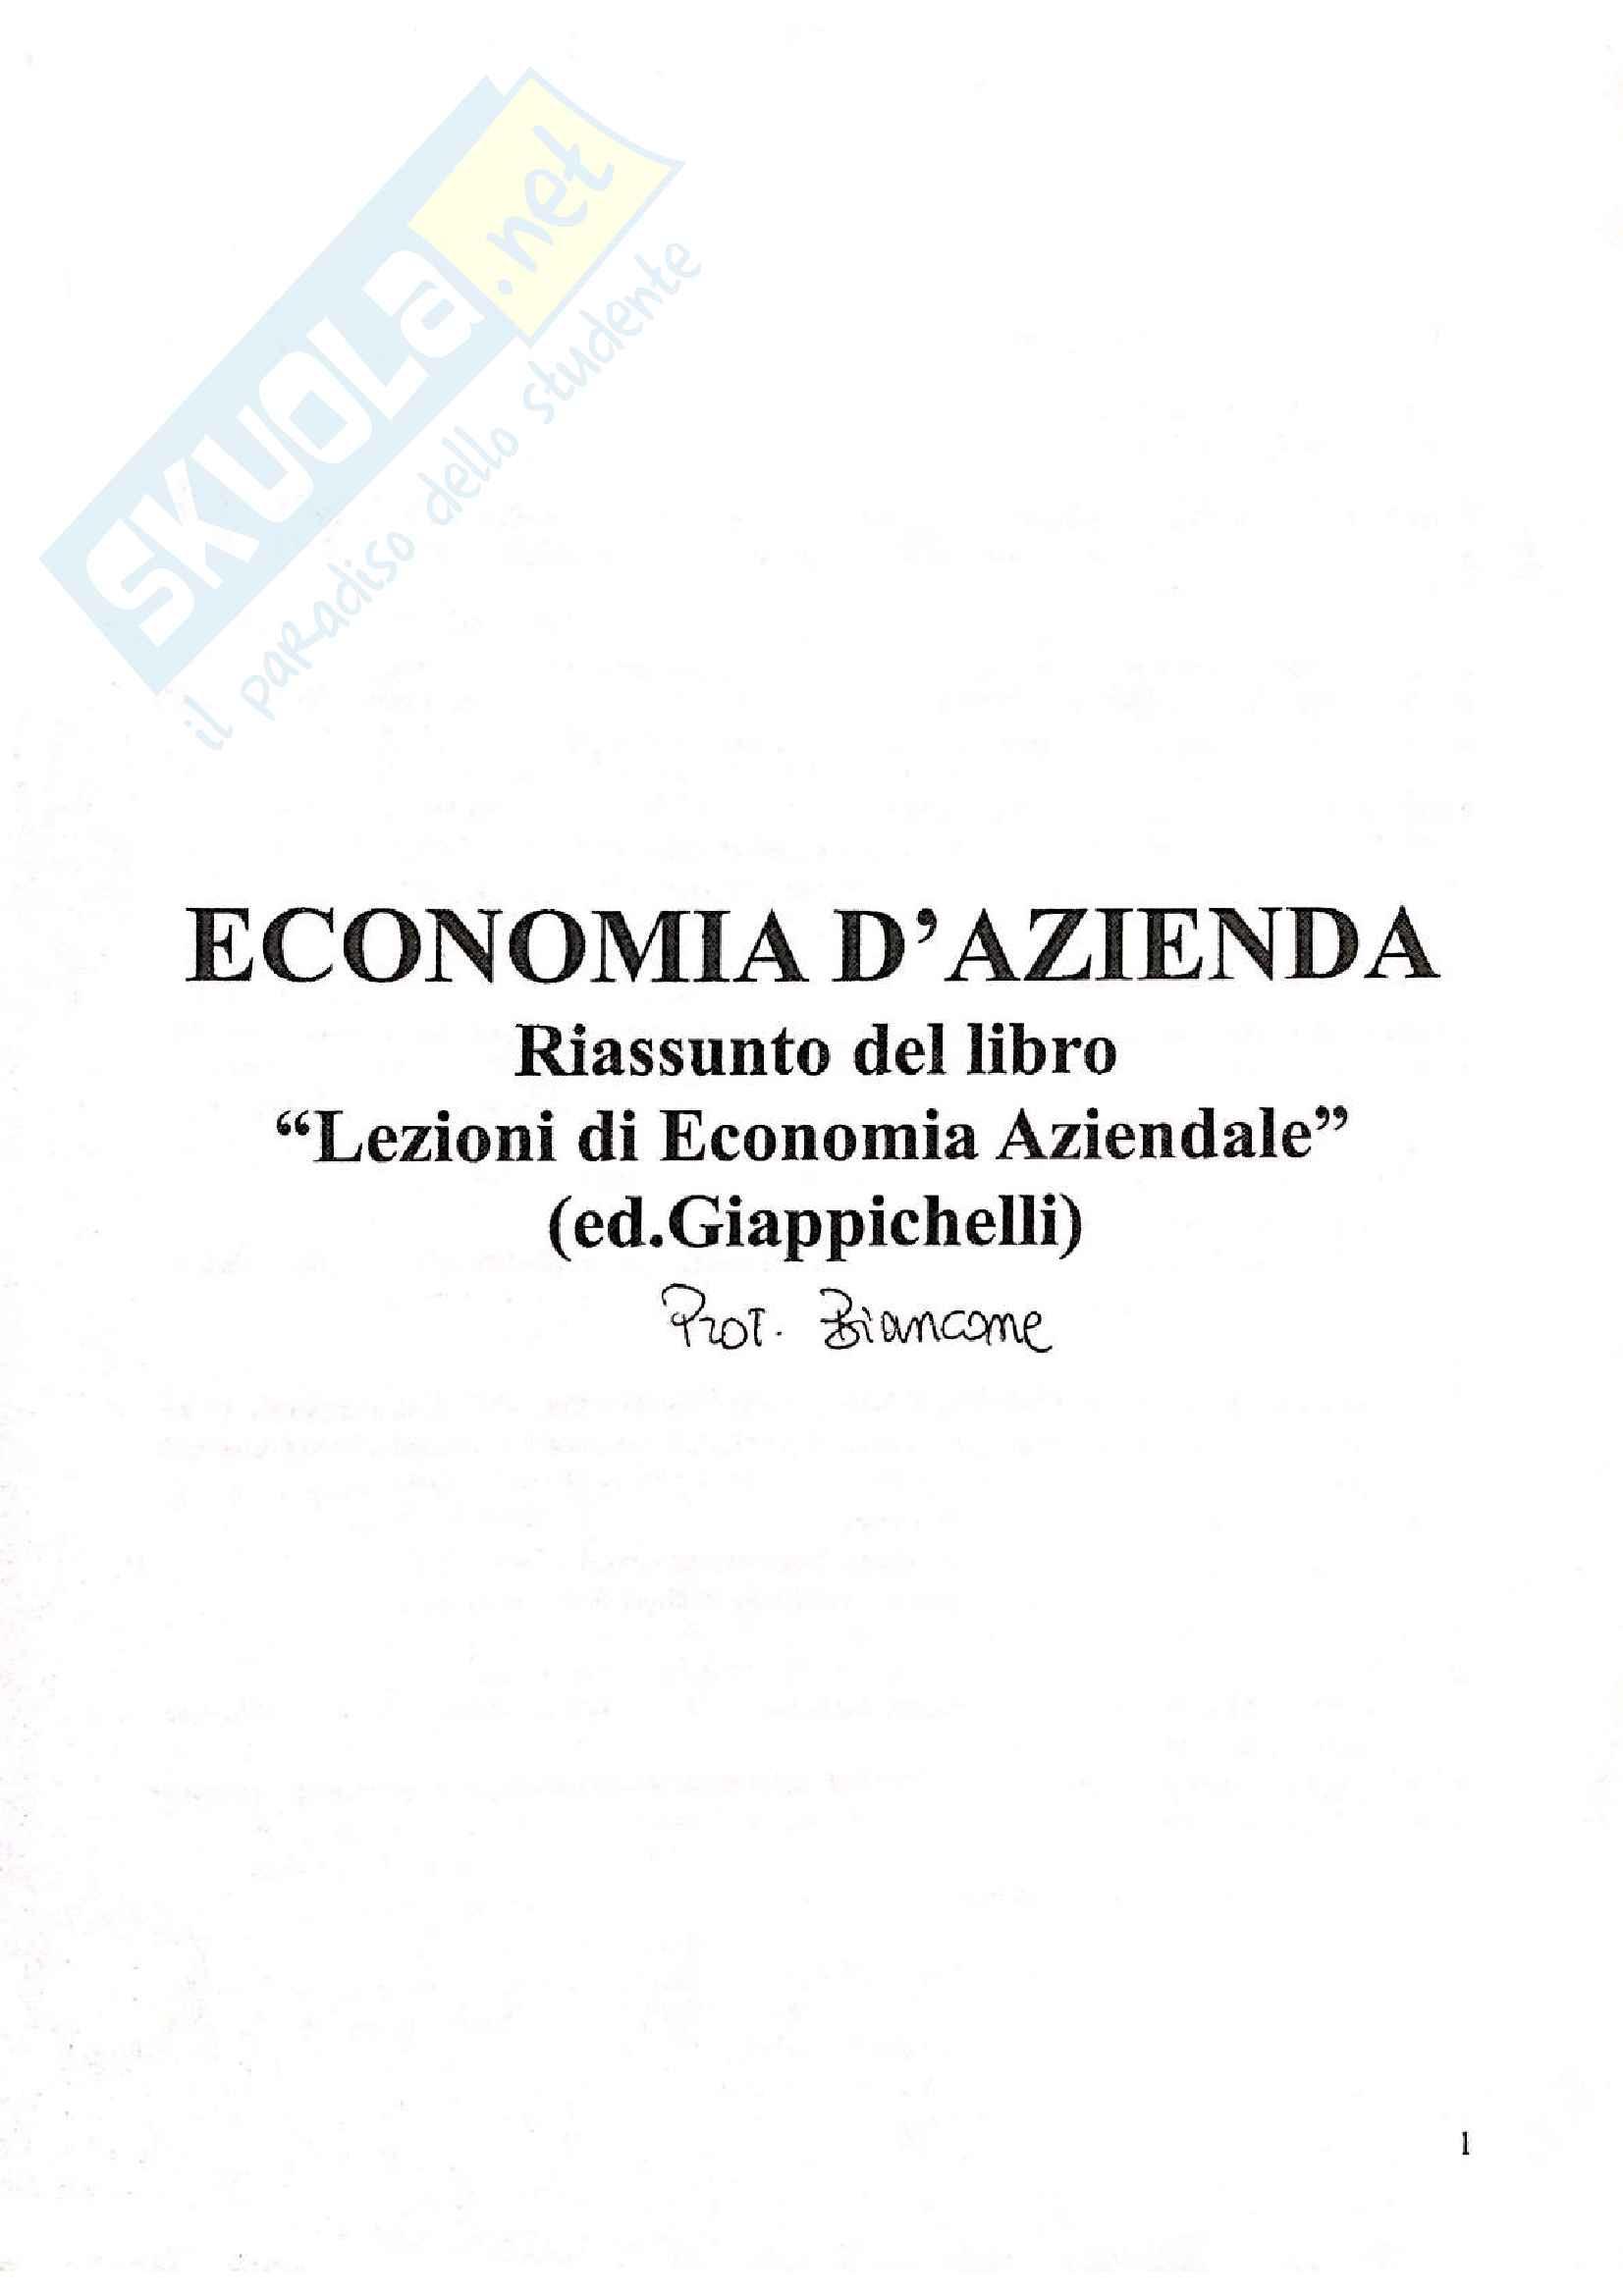 Appunti di economia aziendale, prof. Biancone